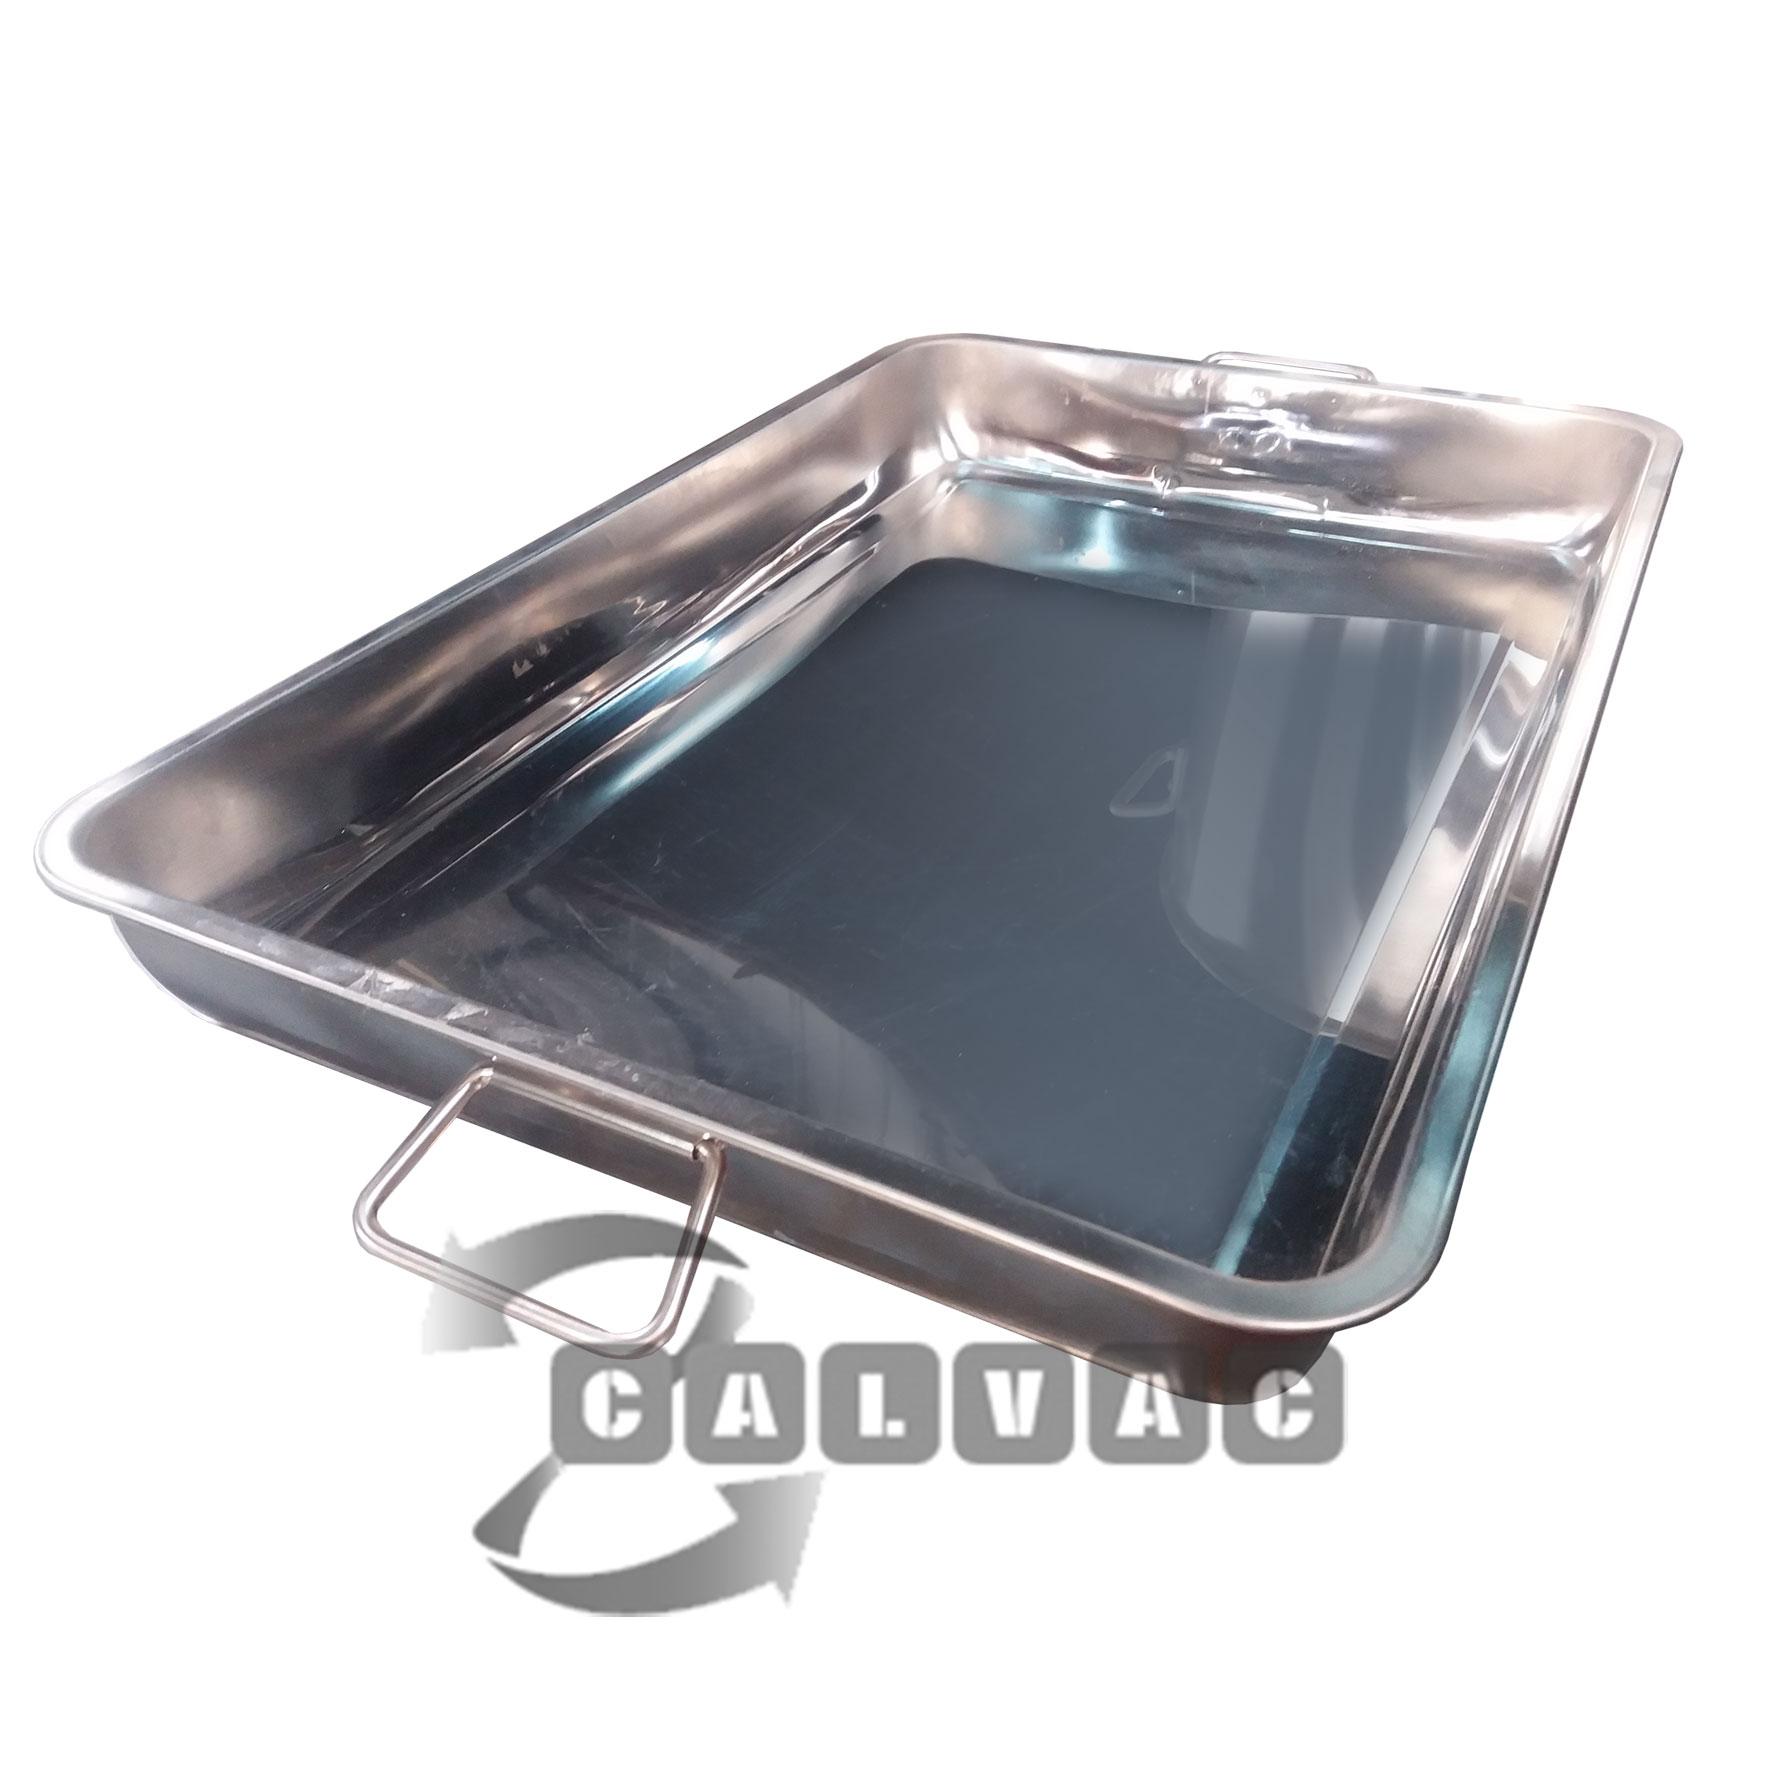 Utensilios de cocina asadera acero inoxidable calvac for Utensilios cocina acero inoxidable